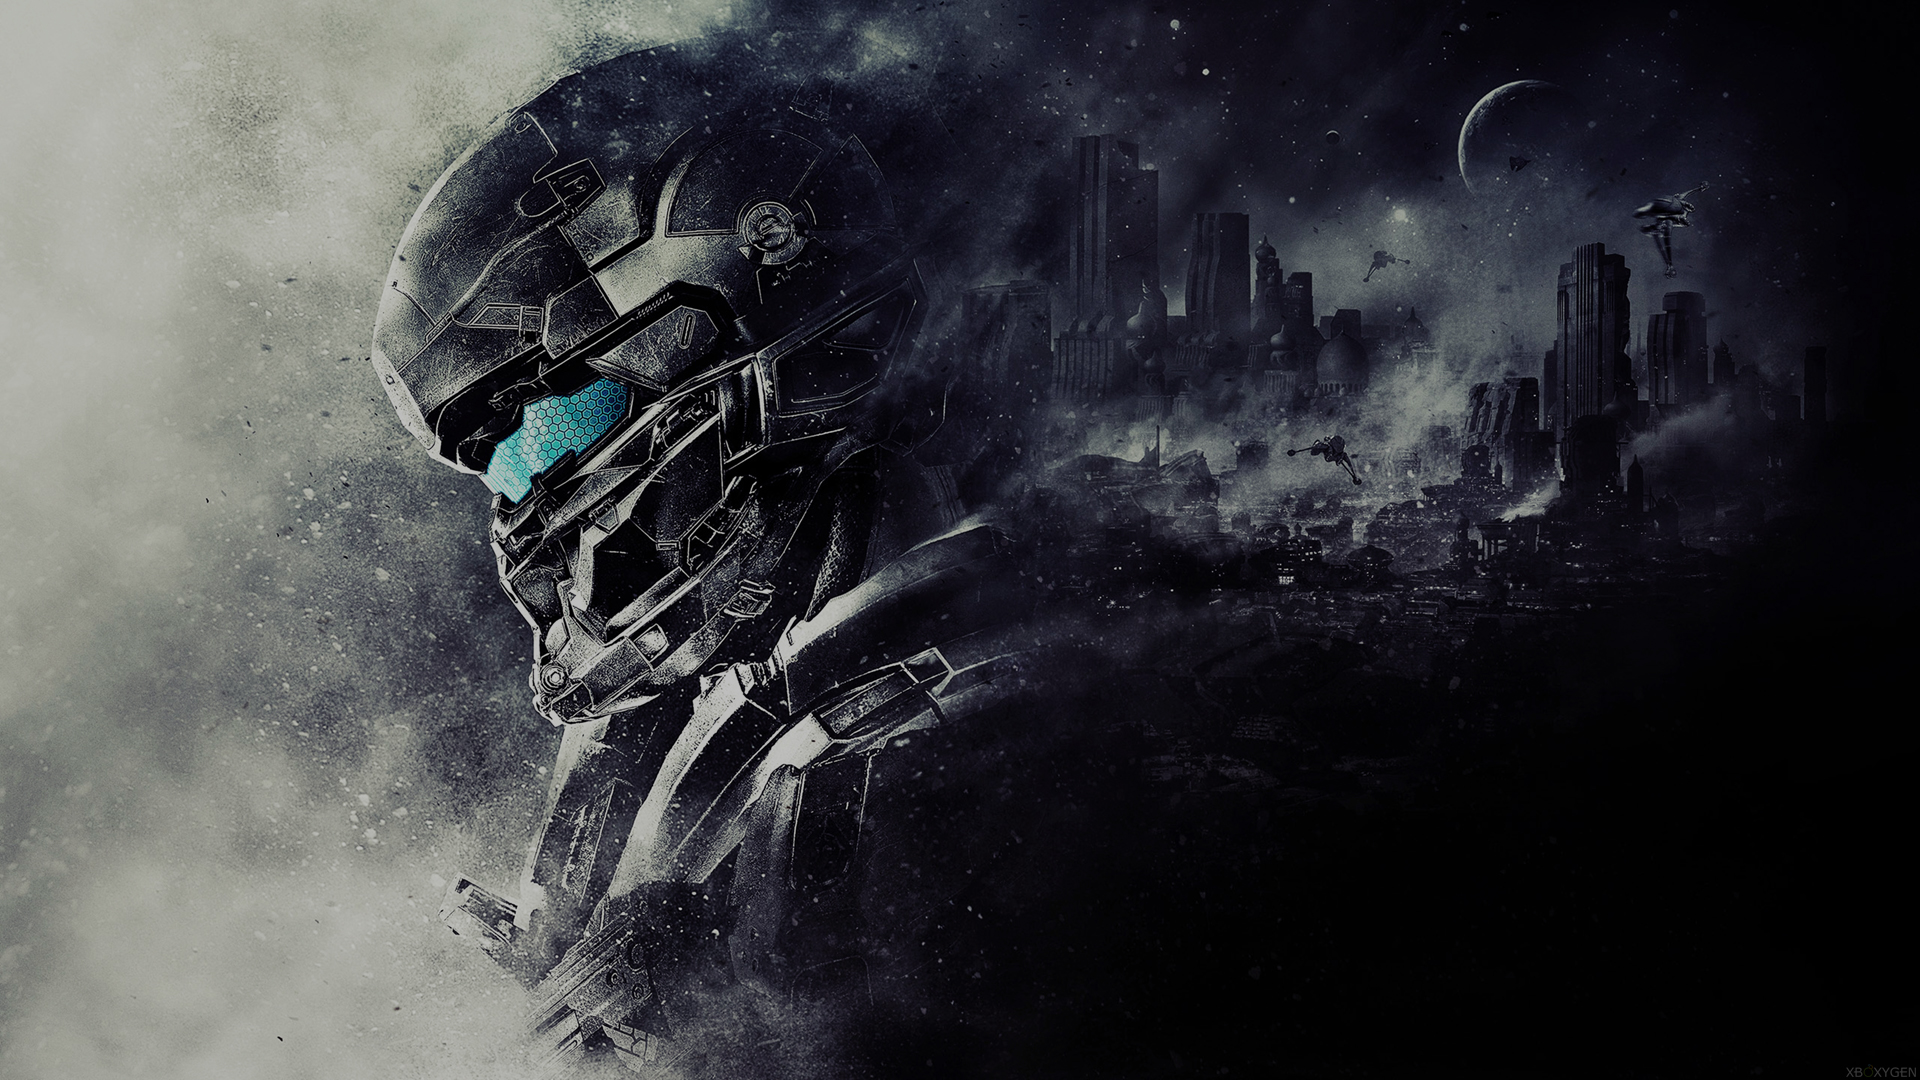 Exceptionnel Des fonds d'écran Xbox One pour la nouvelle interface | Xbox One  GJ71